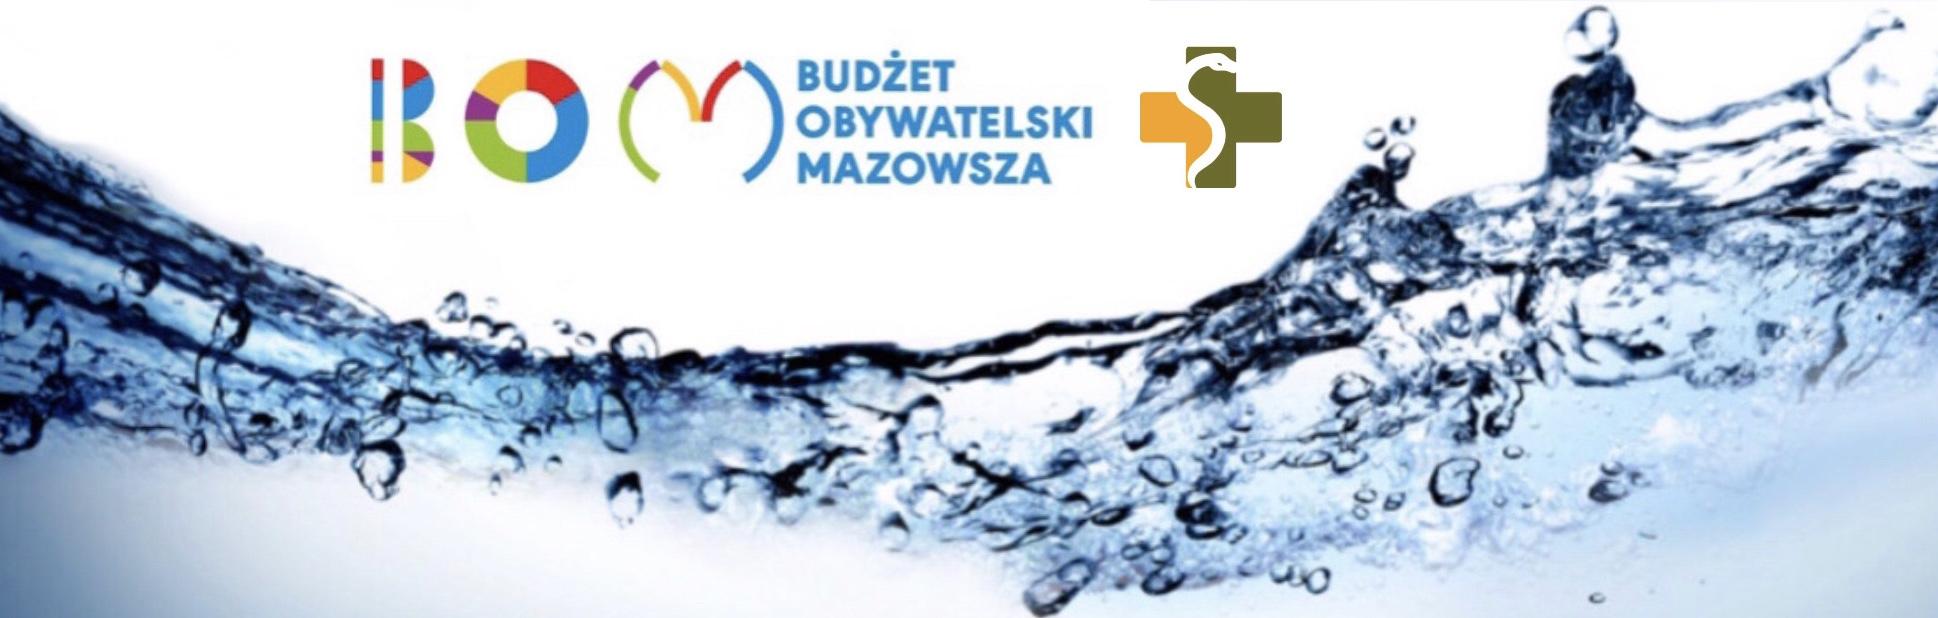 Grafika: woda a na górze logo budżetu obywatelskiego mazowisza i MWOMP